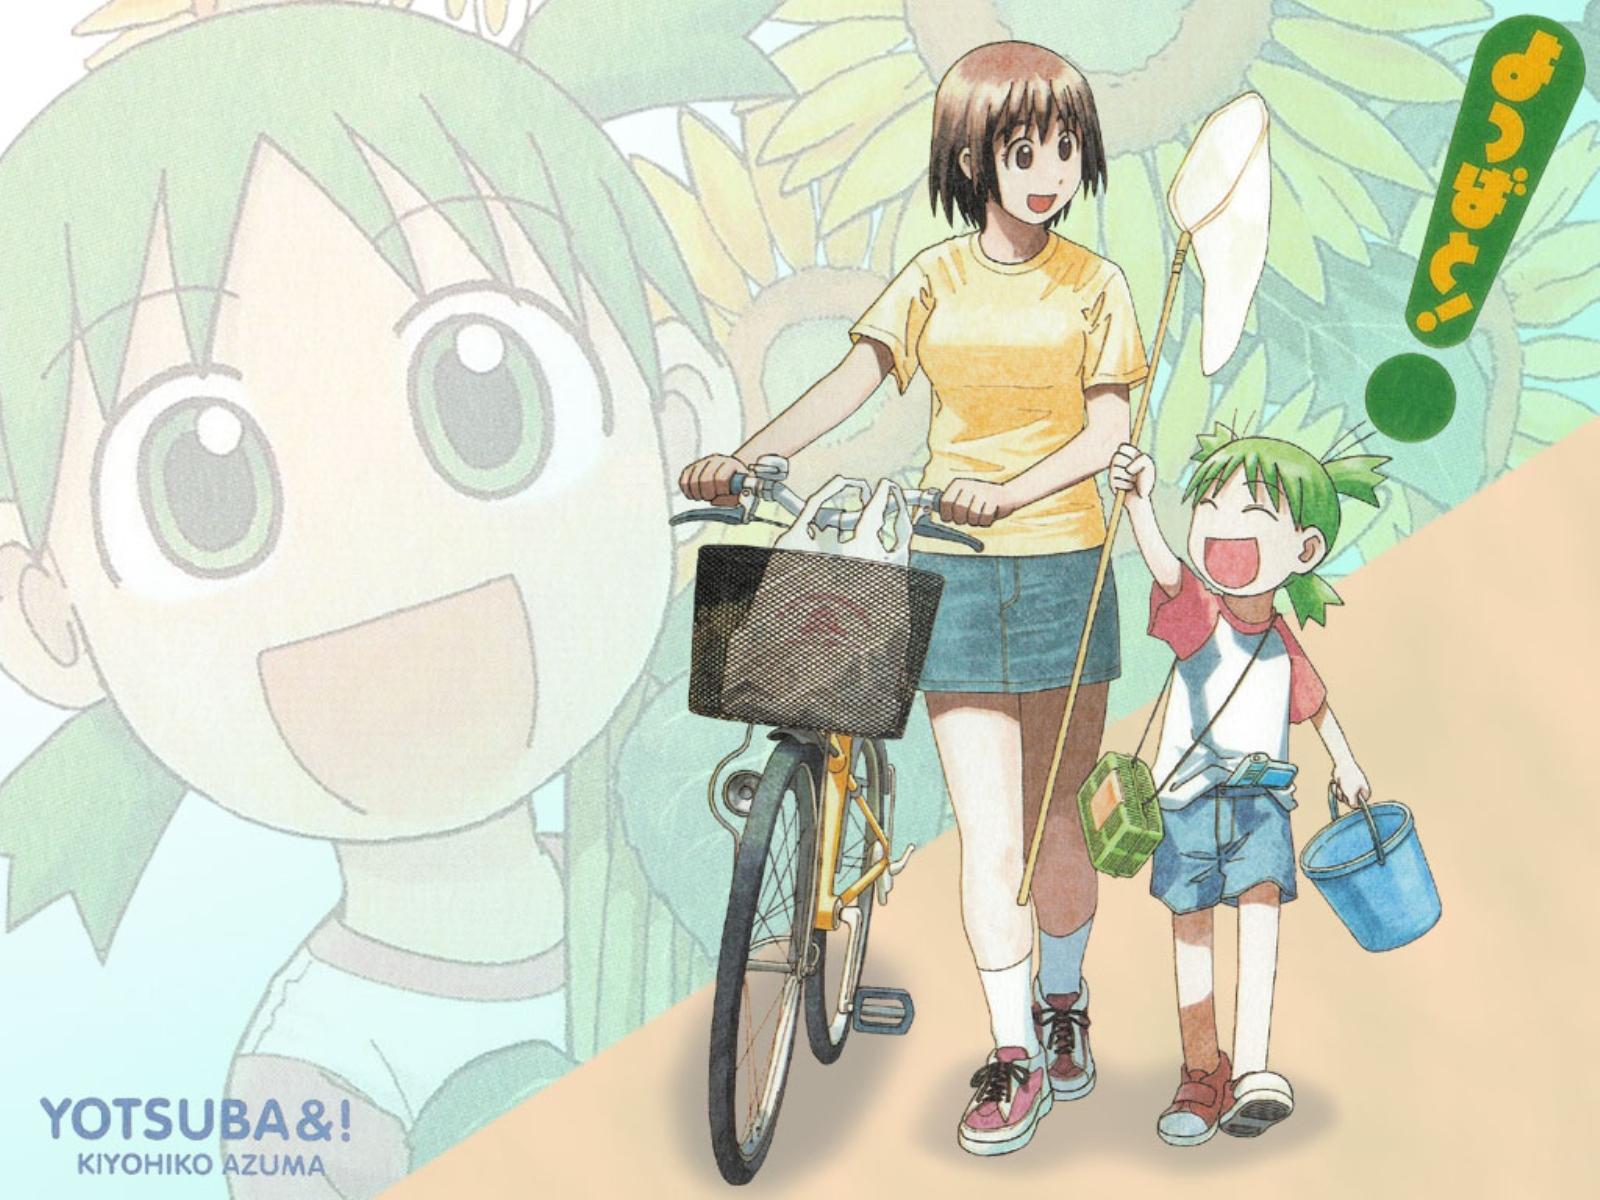 http://4.bp.blogspot.com/-c0hh6TWZ188/Tc_XCZdZGBI/AAAAAAAAWe0/LnfQnJ0ES2I/s1600/%255BYotsuba%255D+Fuuka+and+Yotsuba+walking.jpg